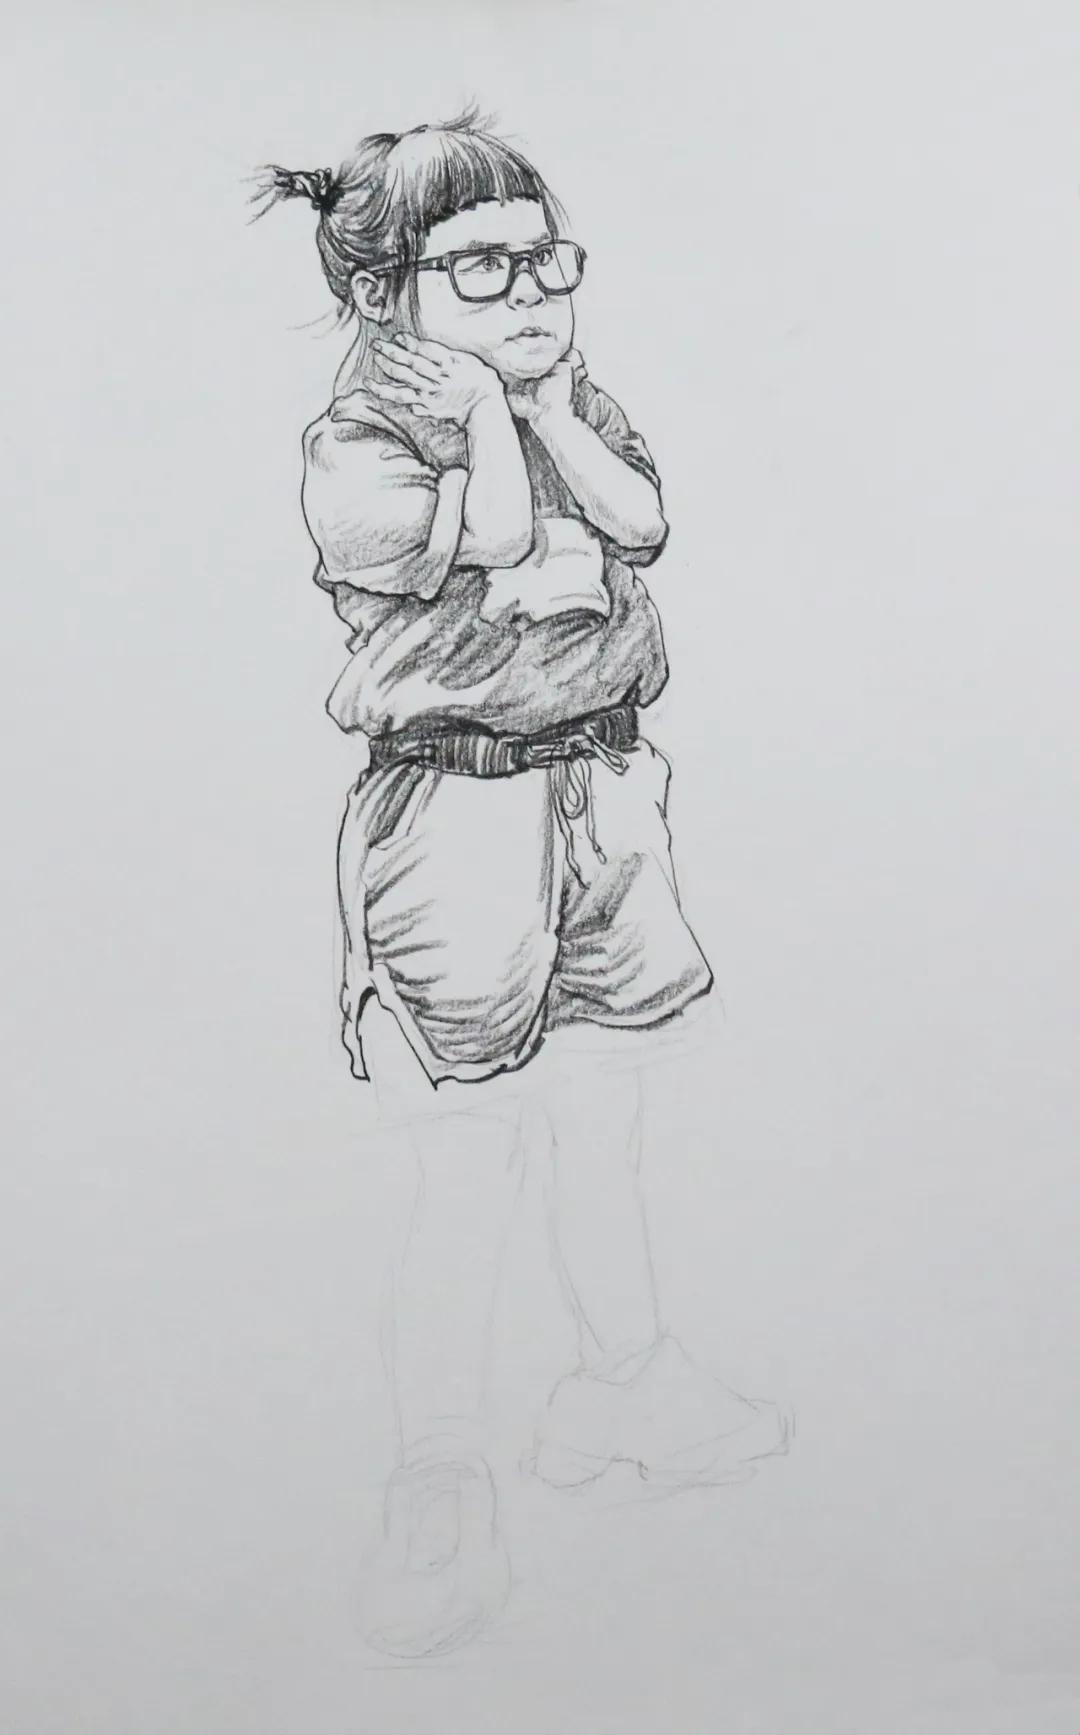 单人速写线上作业 小女孩半侧面手托腮站姿